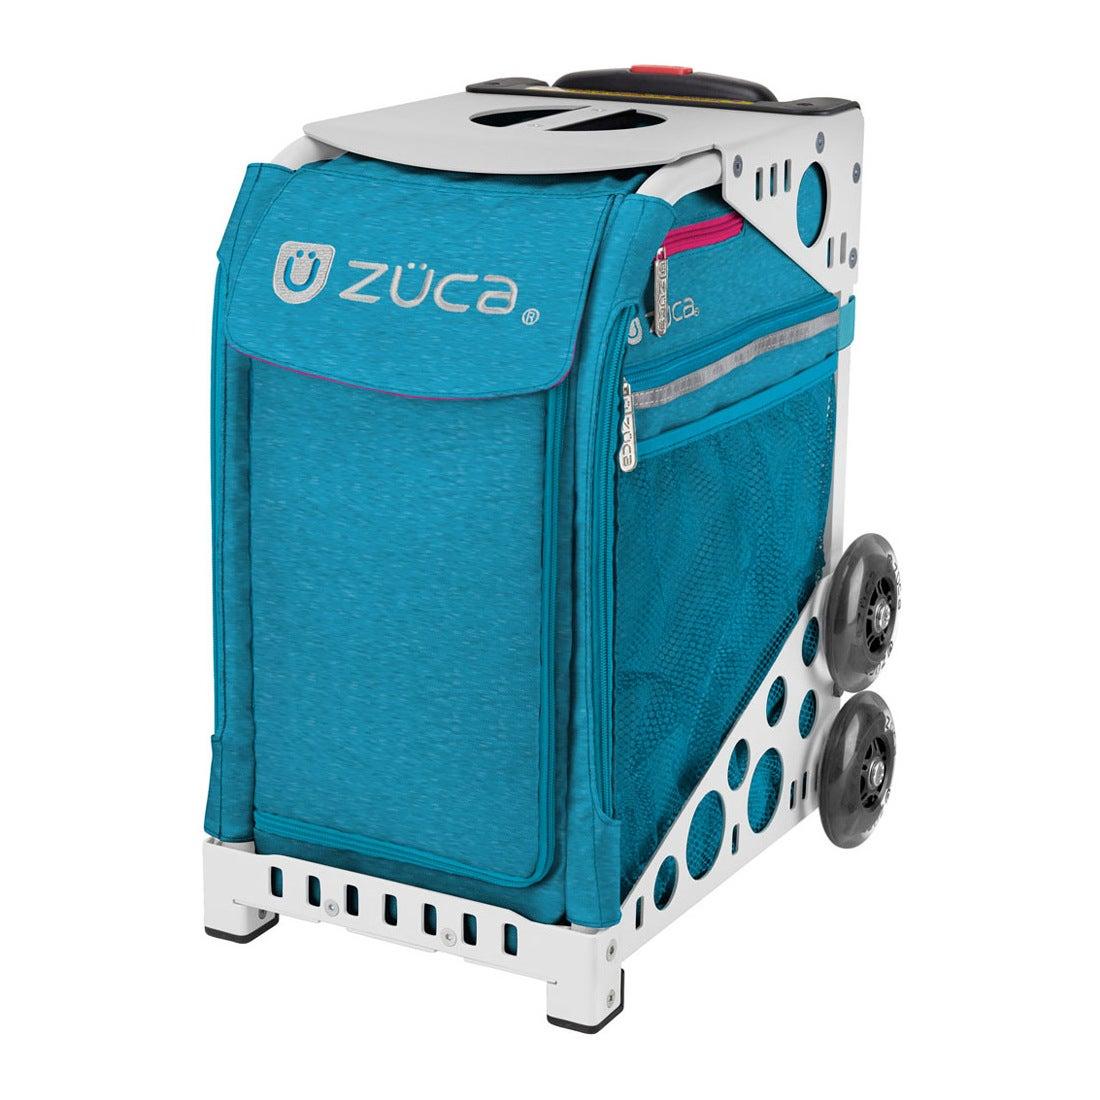 ロコンド 靴とファッションの通販サイト【SAC'SBAR】ZUCASportキャリーケースBeachyBlue403White